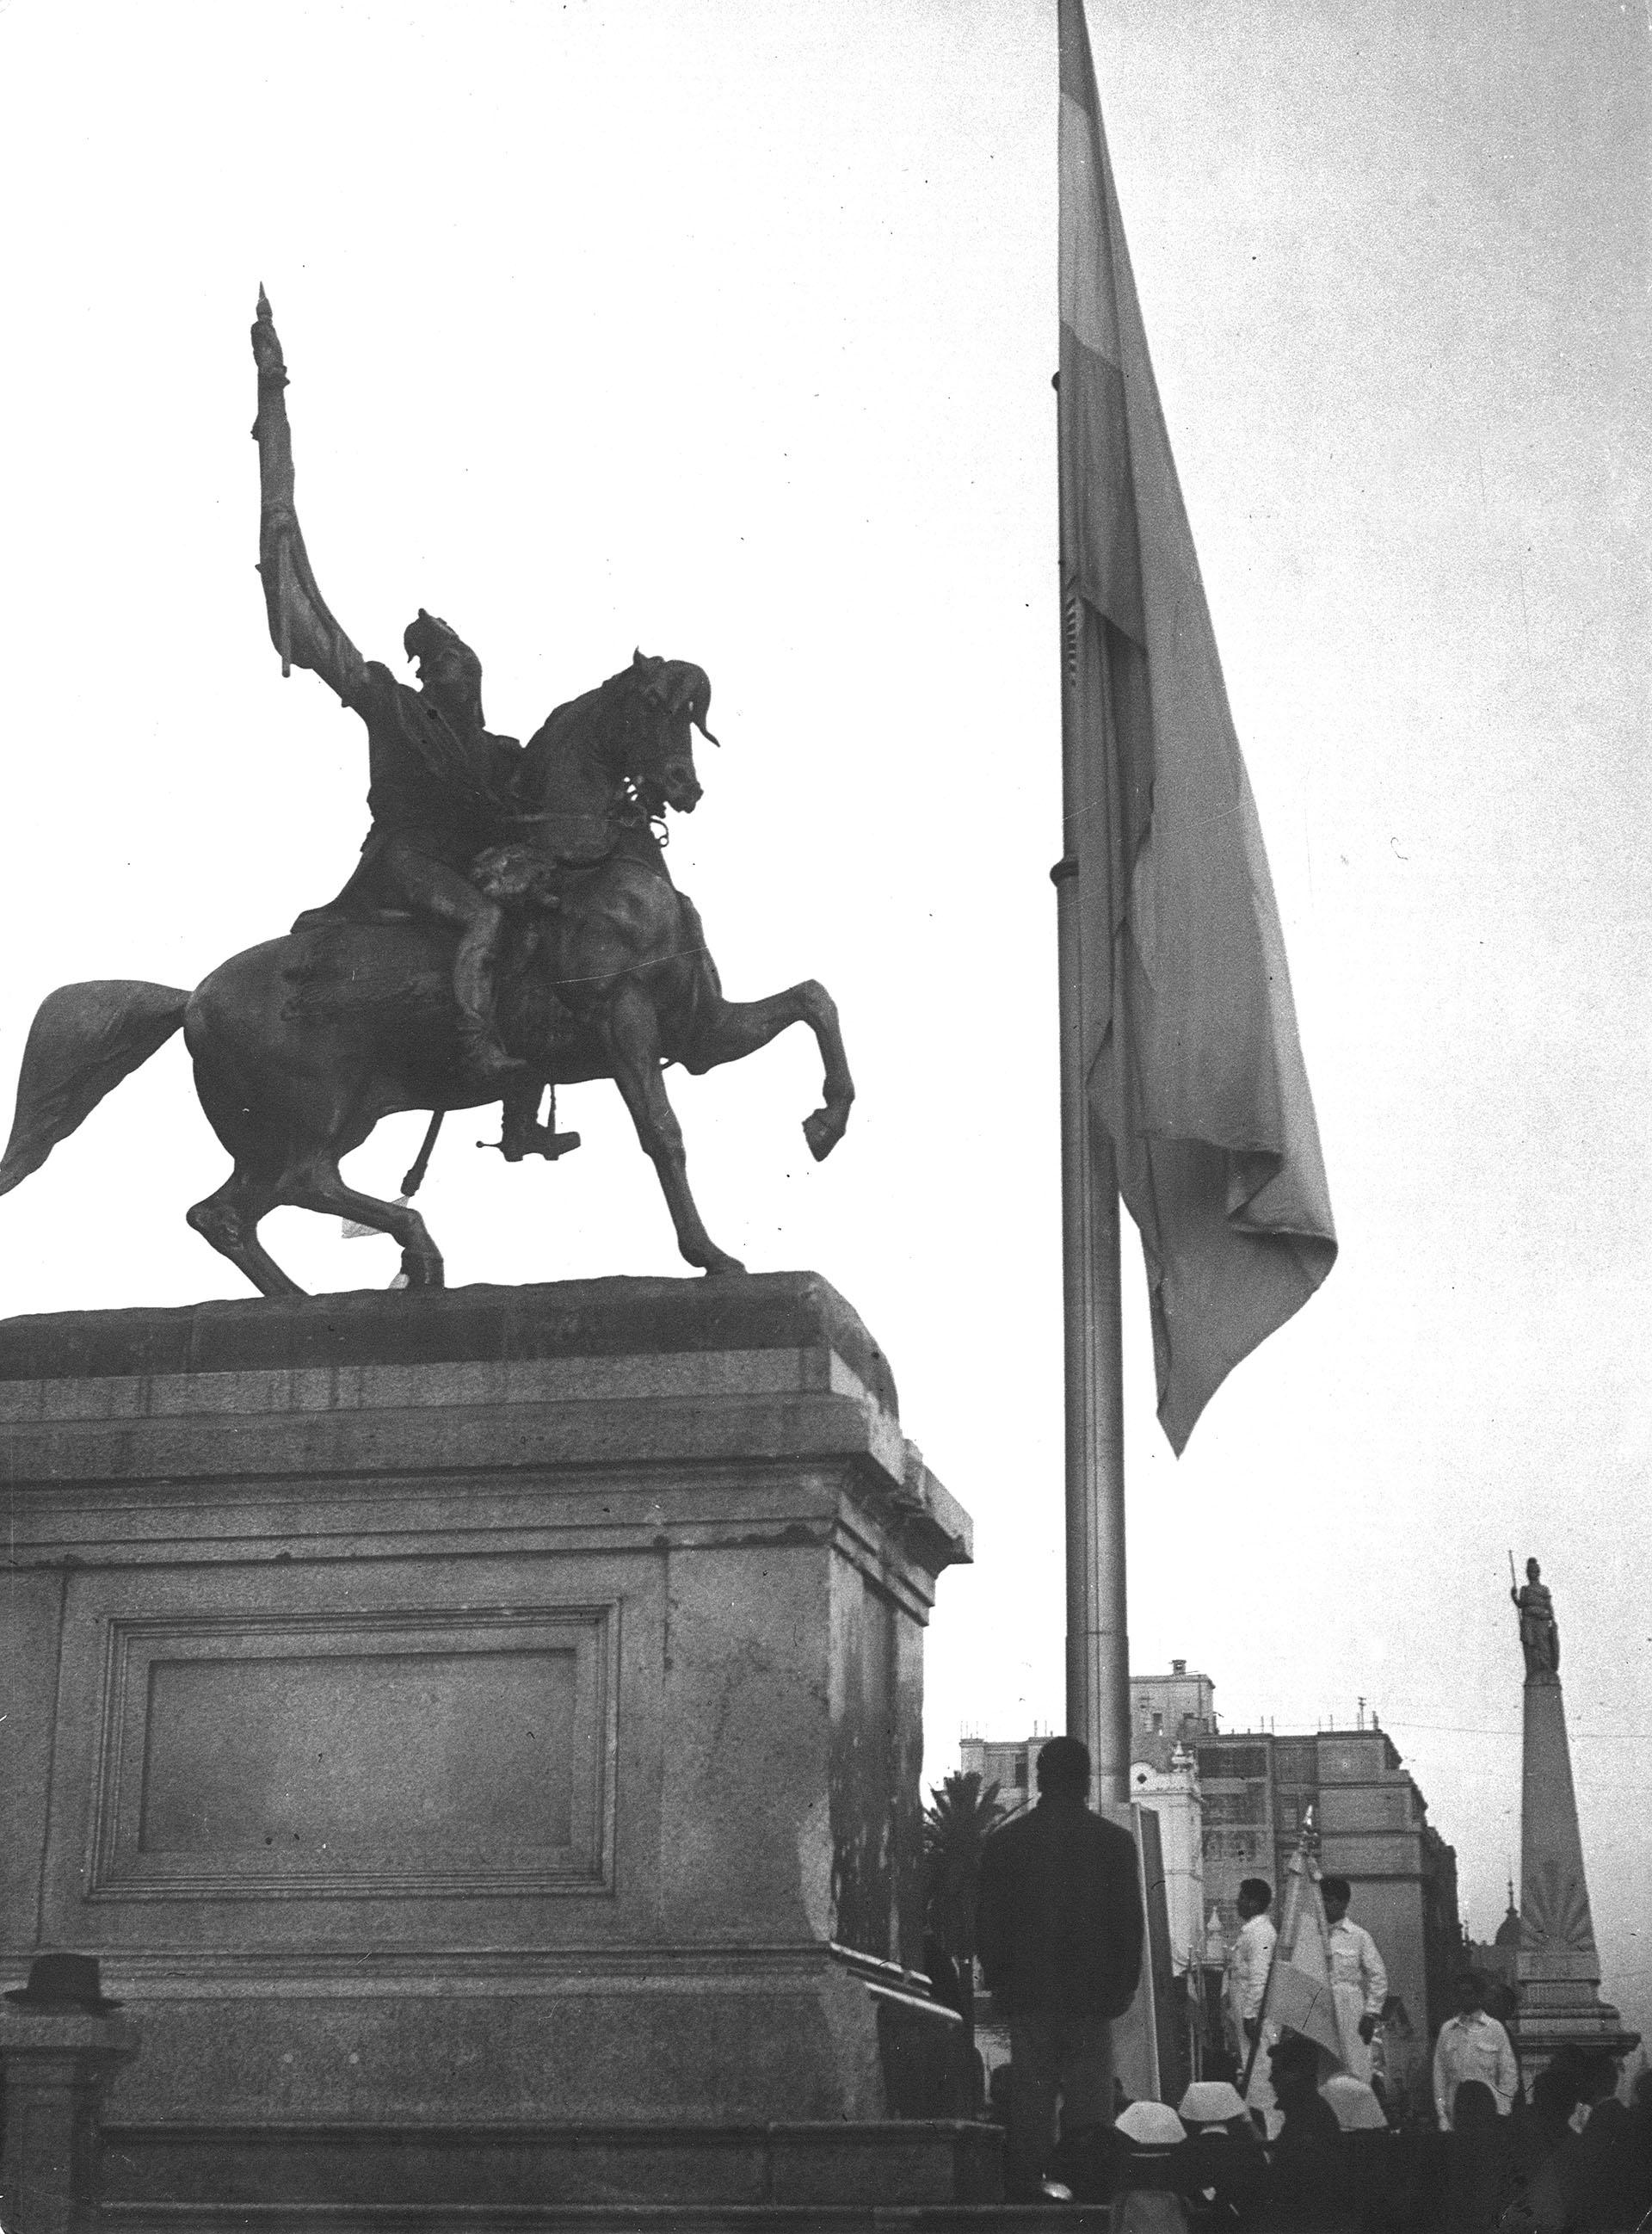 Izamiento de la bandera en el mástil de la Plaza de Mayo, julio de 1956 (Archivo General de la Nación)